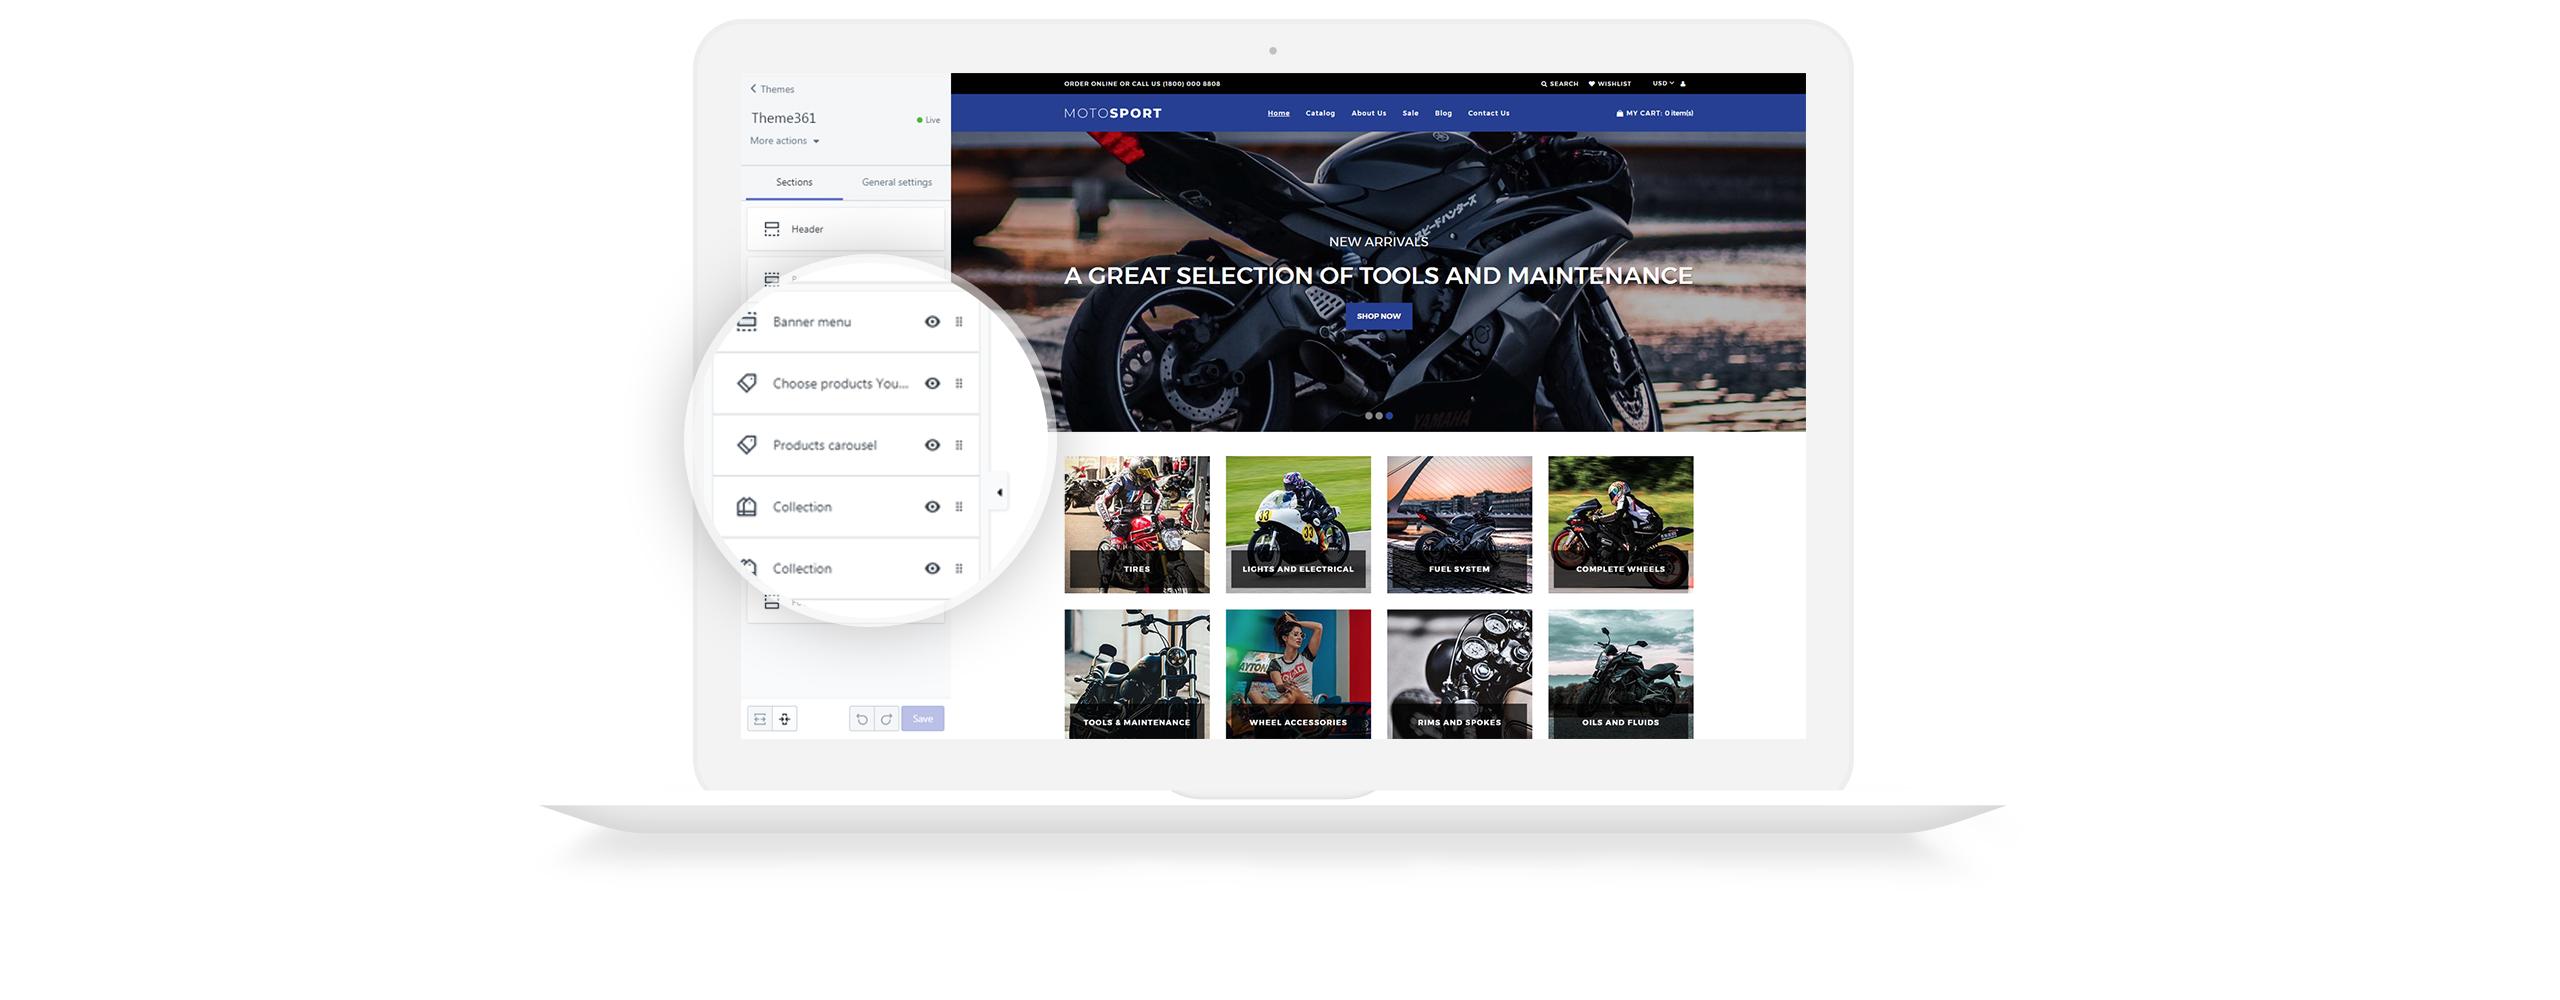 Website Design Template 73470 - shop shopify tires wheelsundefined